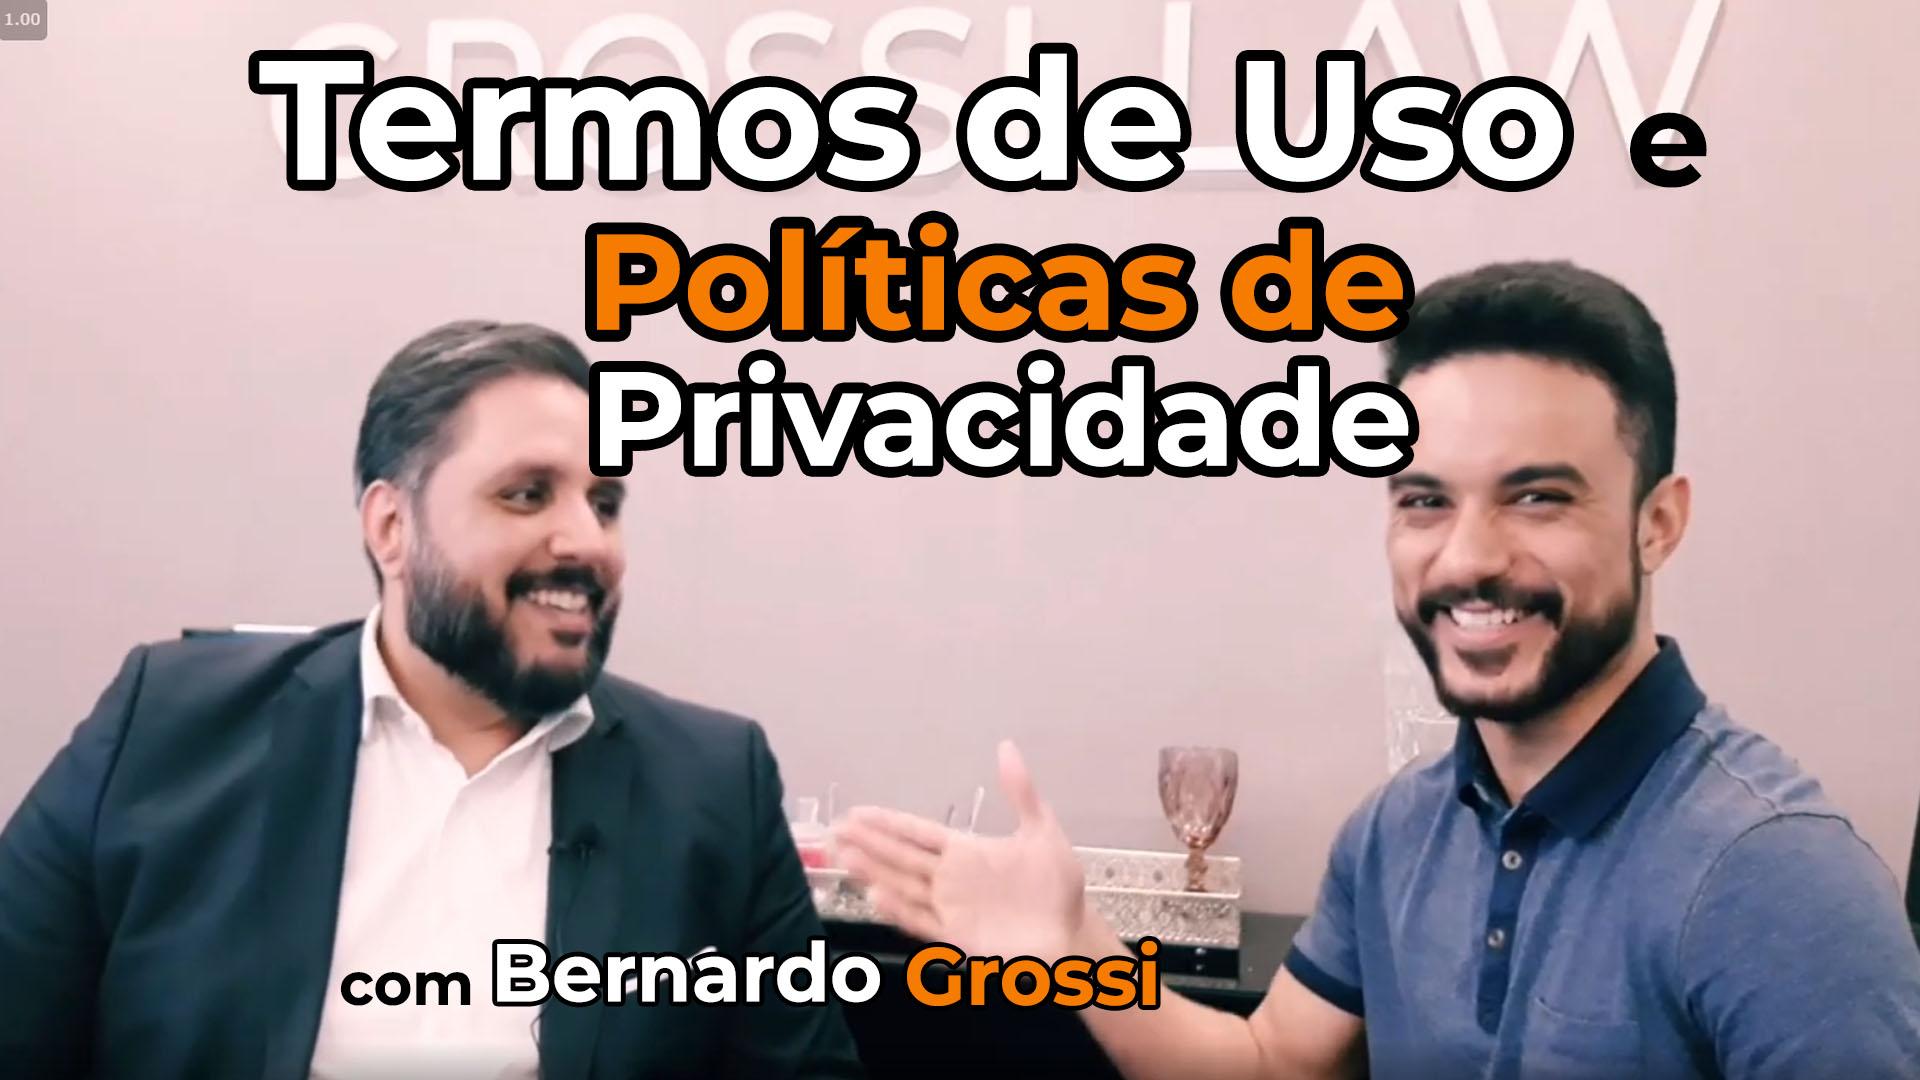 Jansser Dias Bernardo Grossi termos de uso e políticas de privacidade